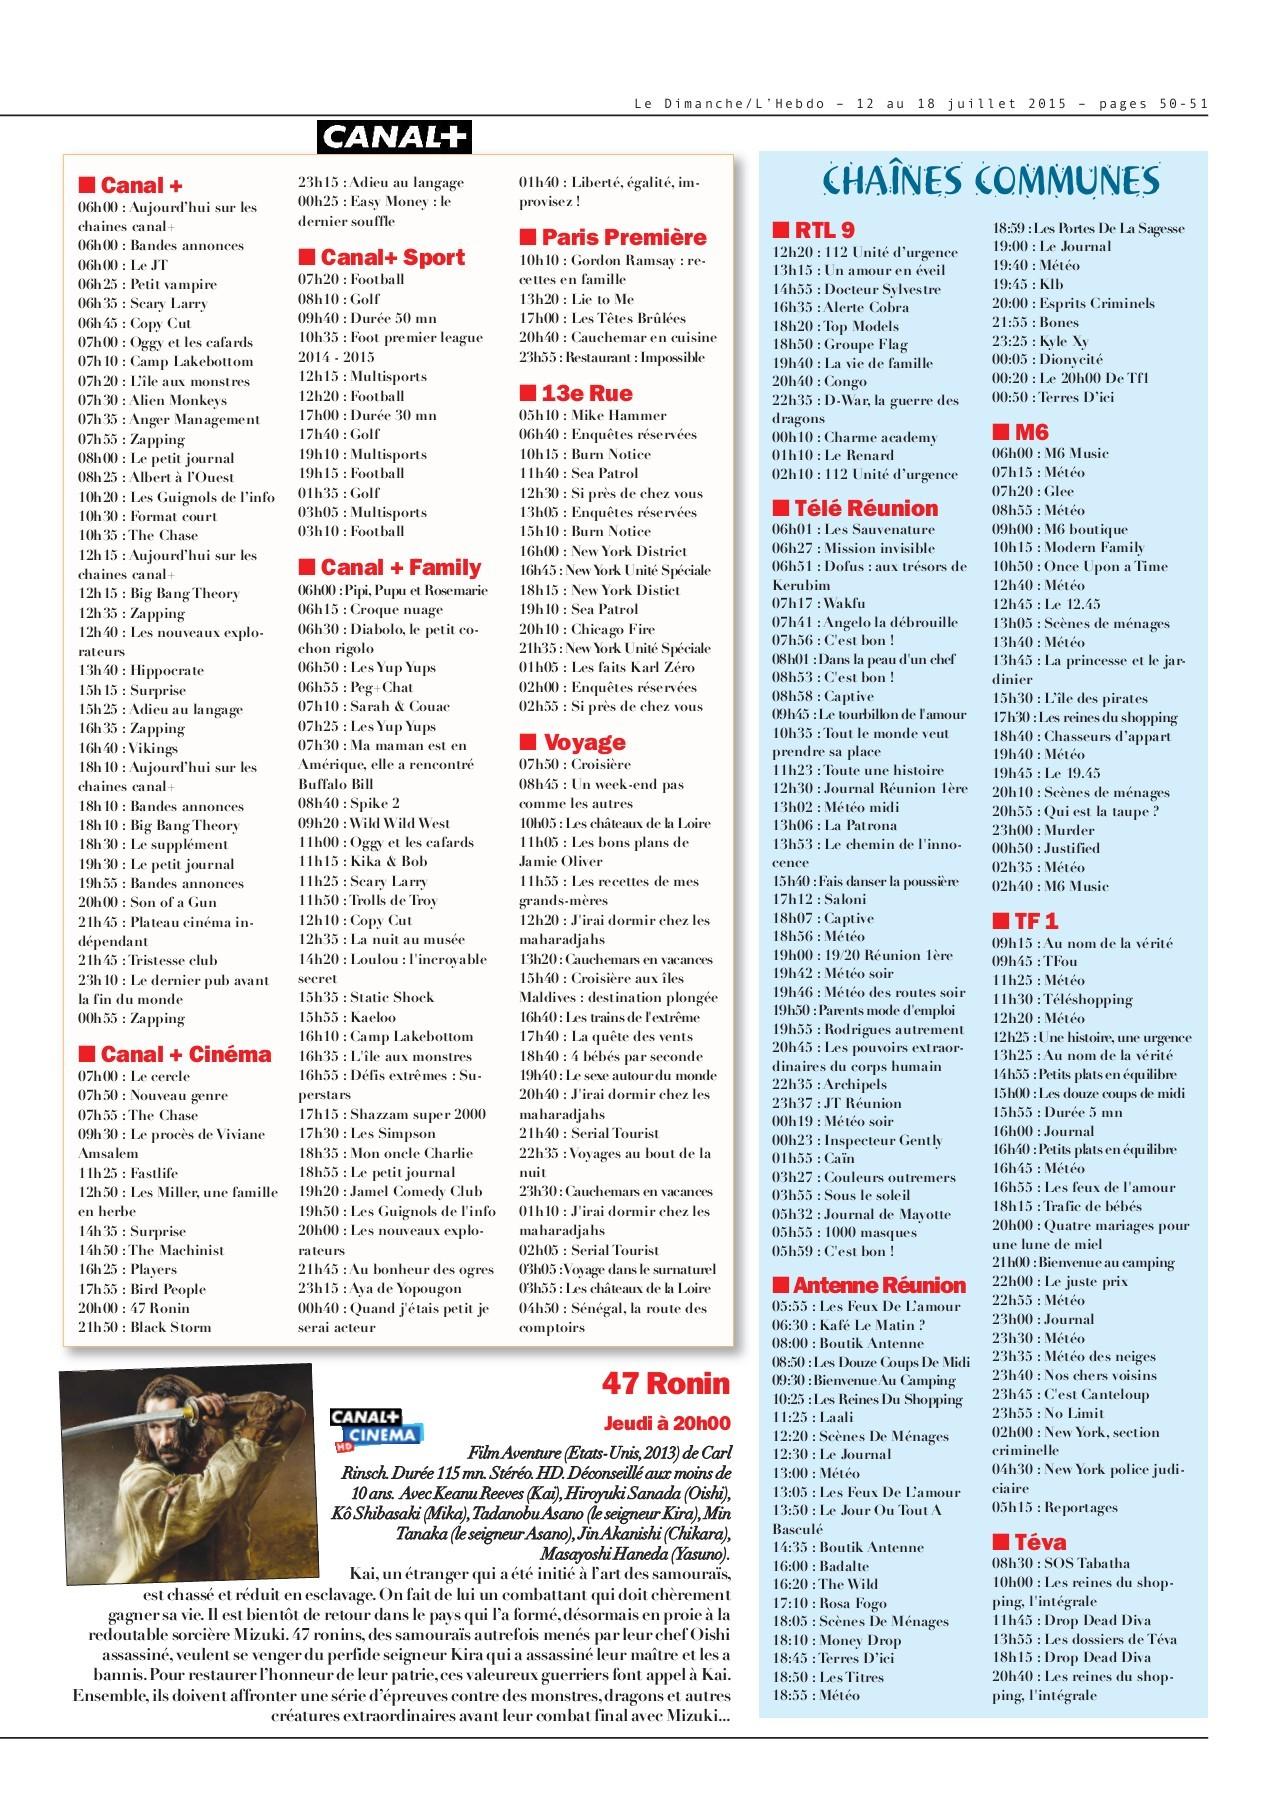 Edition Belge Vignette N°110 Romain Sicard Sprint 2013